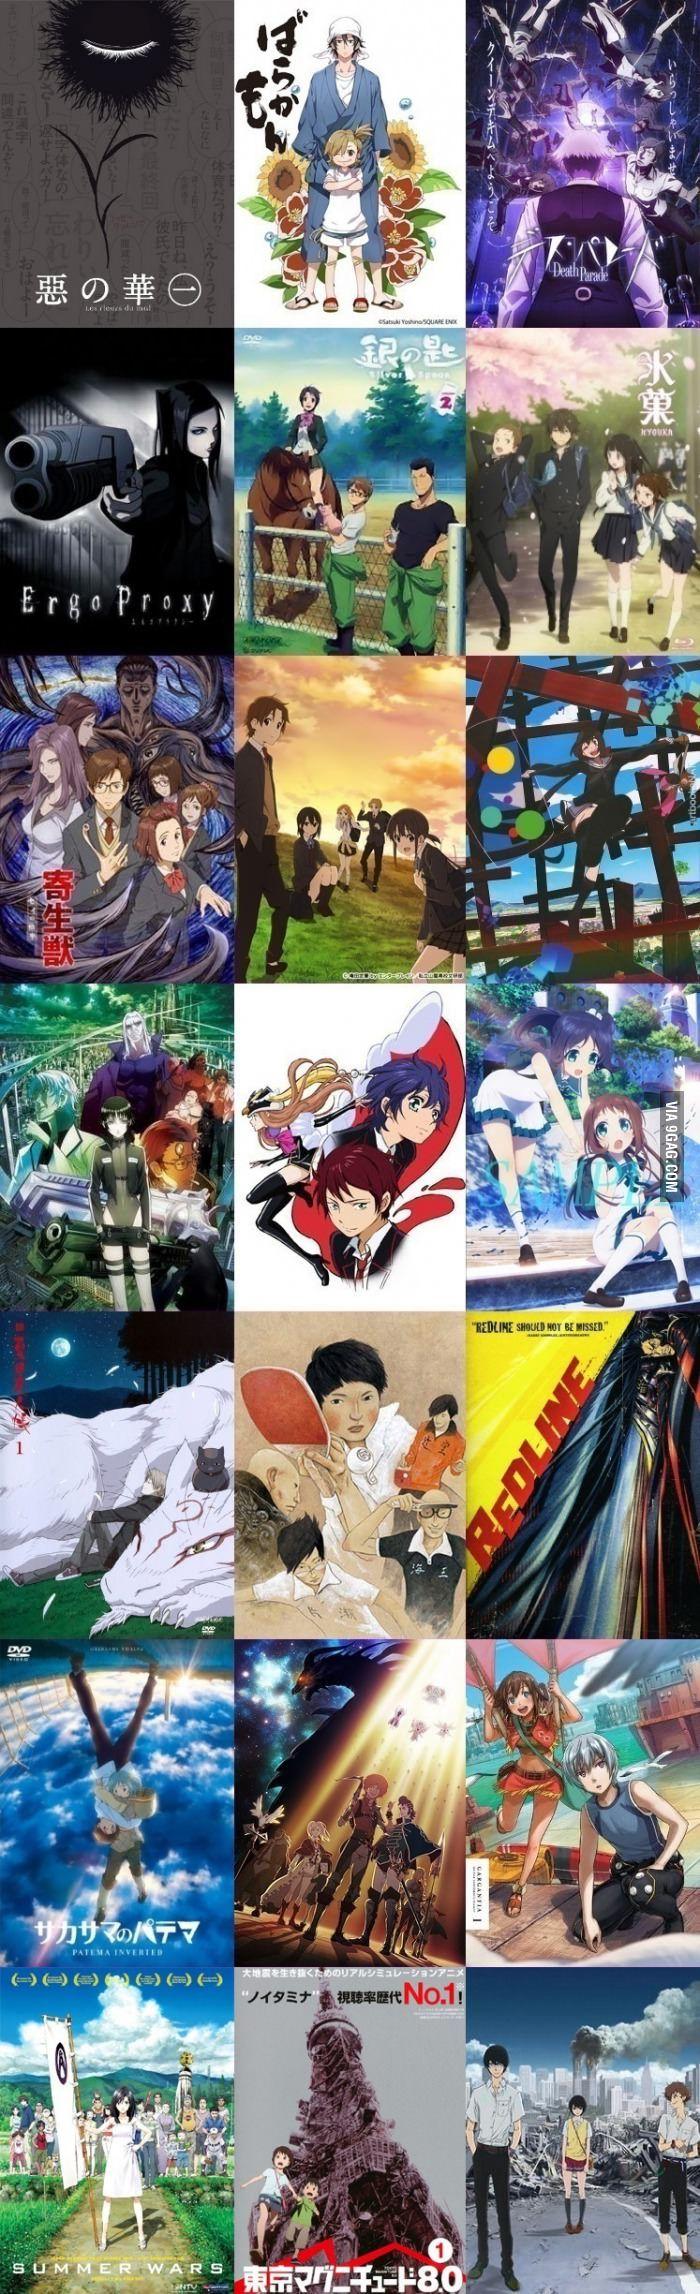 In order: Aku no Hana, Barakamon, Death Parade, Ergo Proxy, Gin no Saji, Hyouka, Kiseijuu: Sei no Kakuritsu, Kokoro Connect, Kyousou Giga (TV), Mardock Scramble, Mawaru Penguindrum, Nagi no Asakura, Natsume Yuujinchou, Ping Pong the Animation, Redline, Sakasama no Patema, Shingeki no Bahamut: Genesis, Suisei no Gargantia, Summer Wars, Tokyo Magnitud 8.0, Zankyou no Terror...